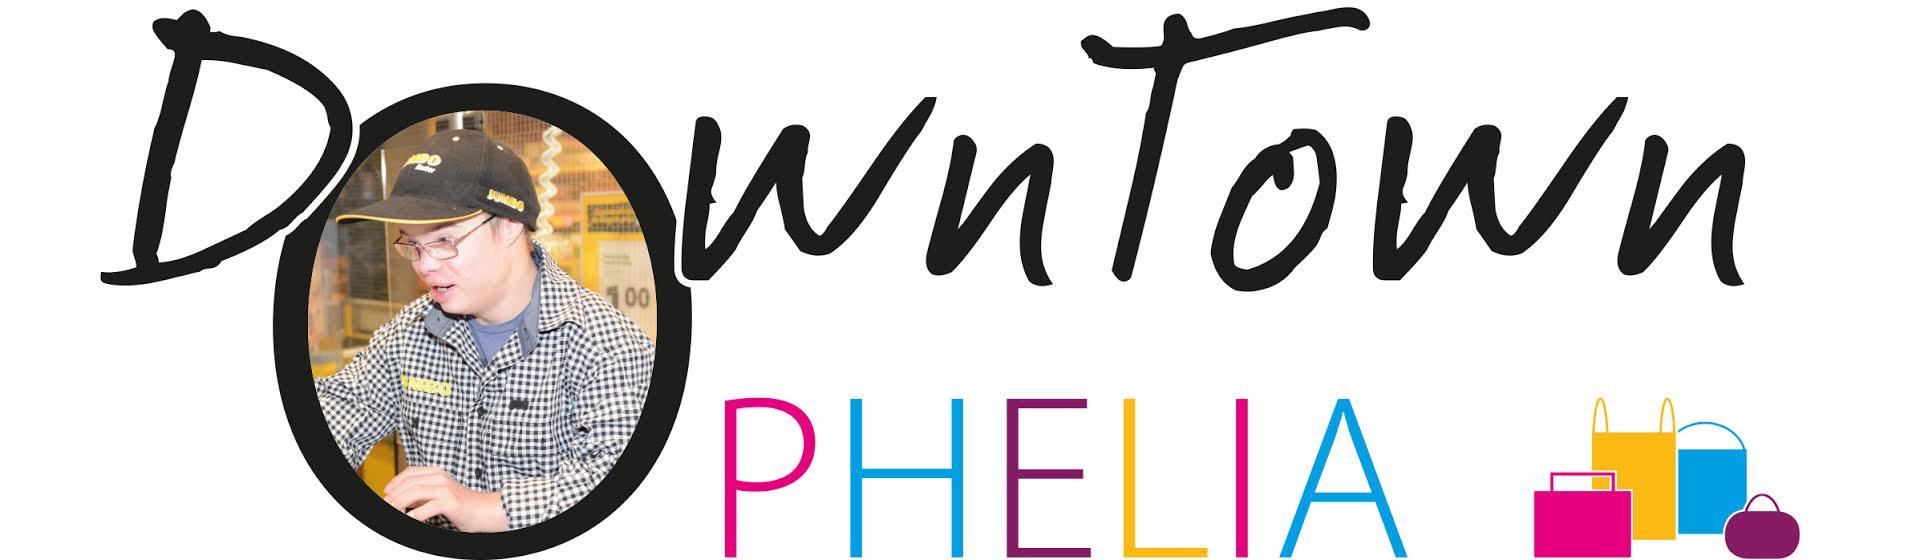 downtown-ophelia-logo